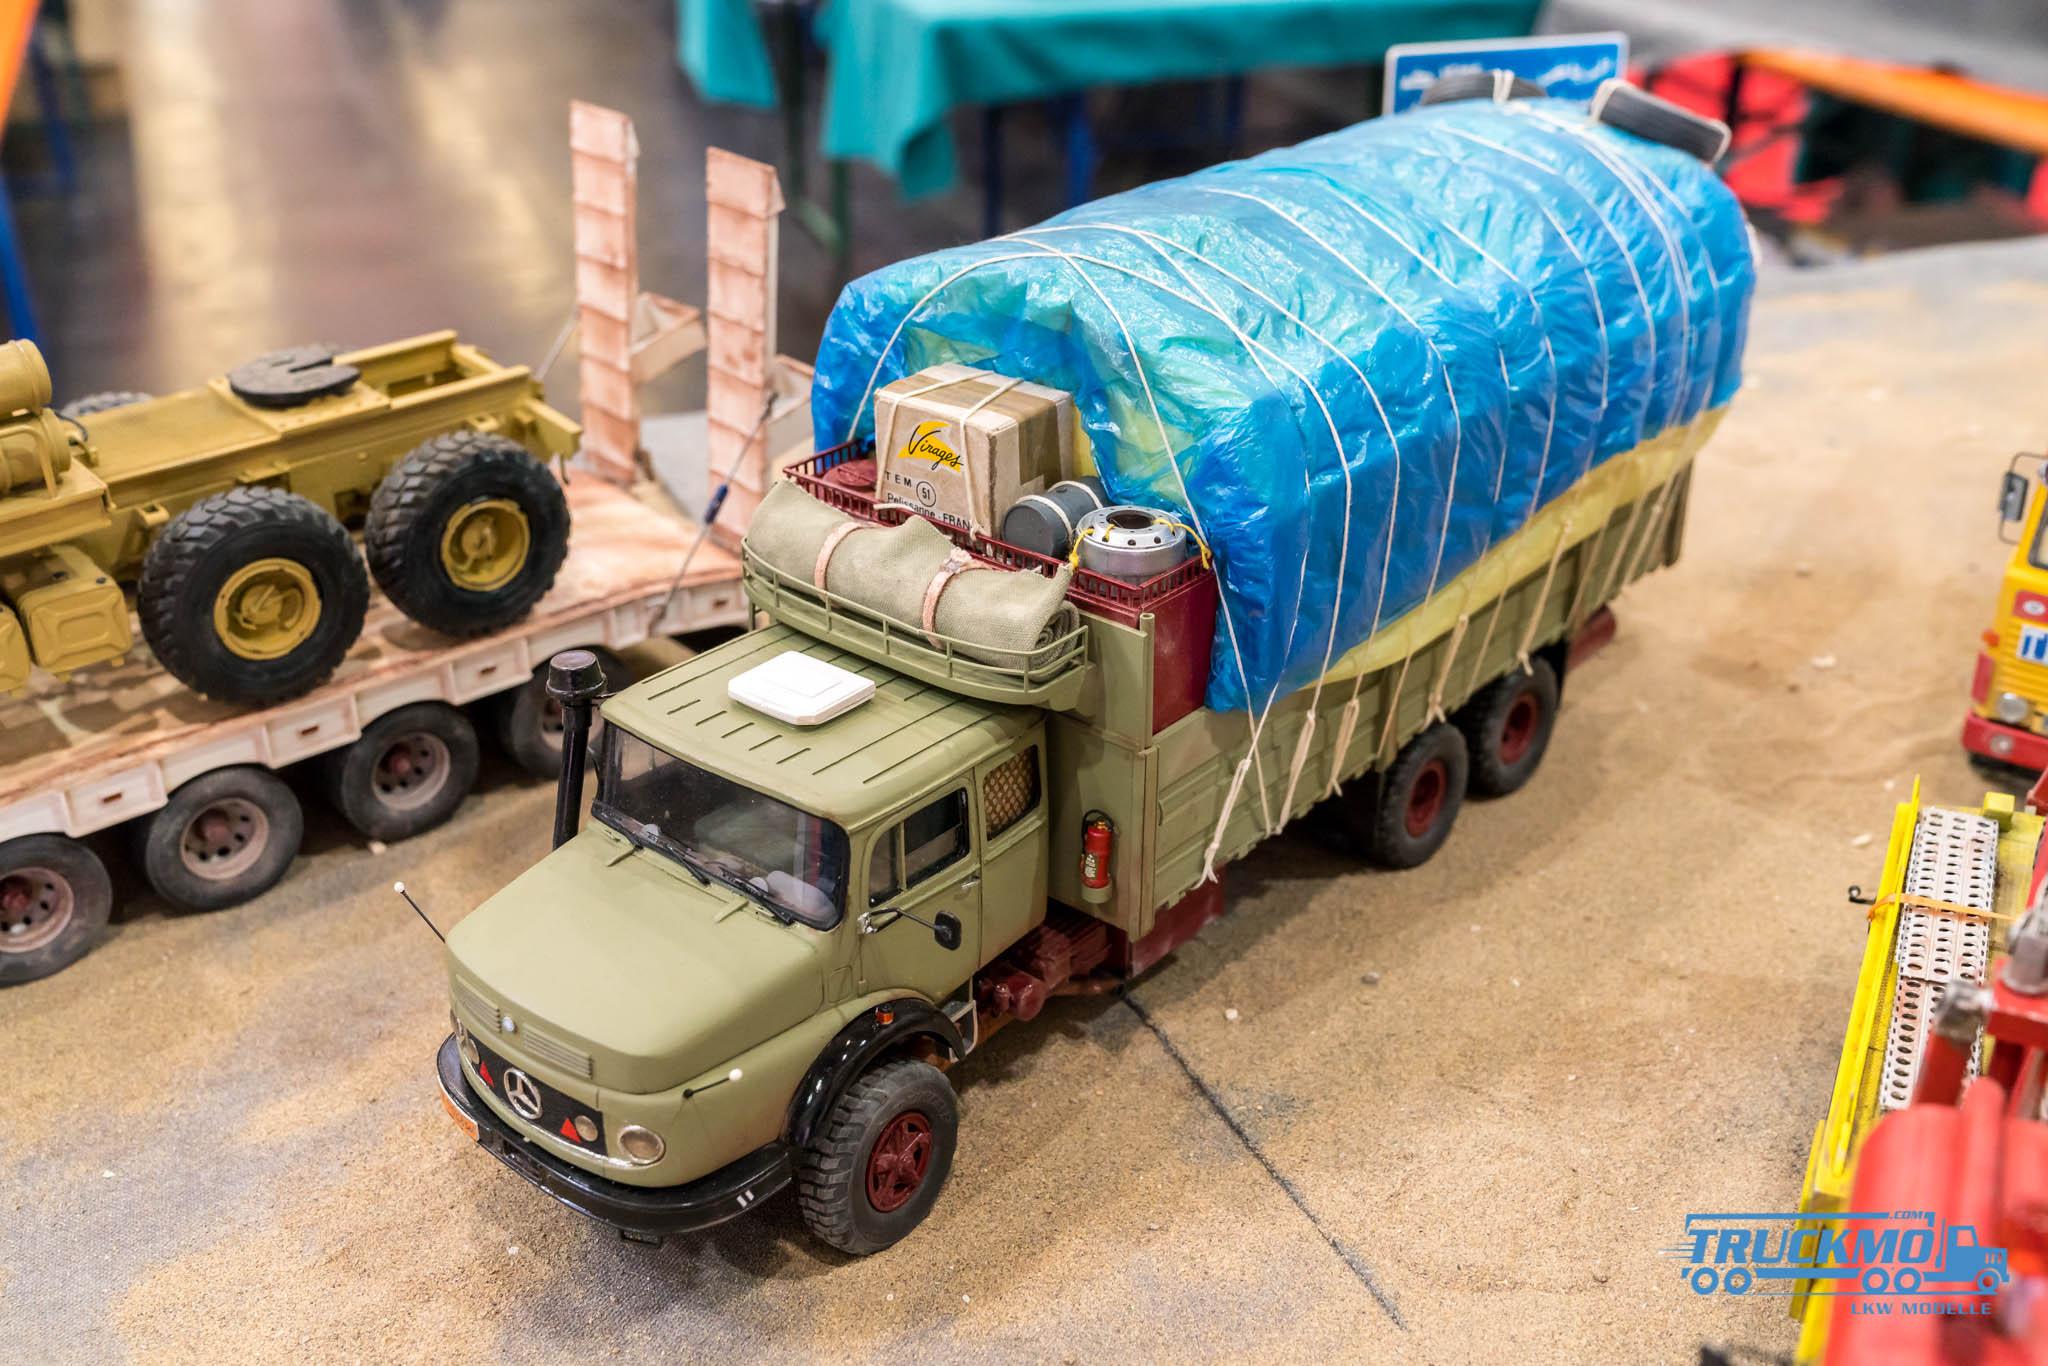 Truckmo_Modellbau_Ried_2017_Herpa_Messe_Modellbauausstellung (424 von 1177)